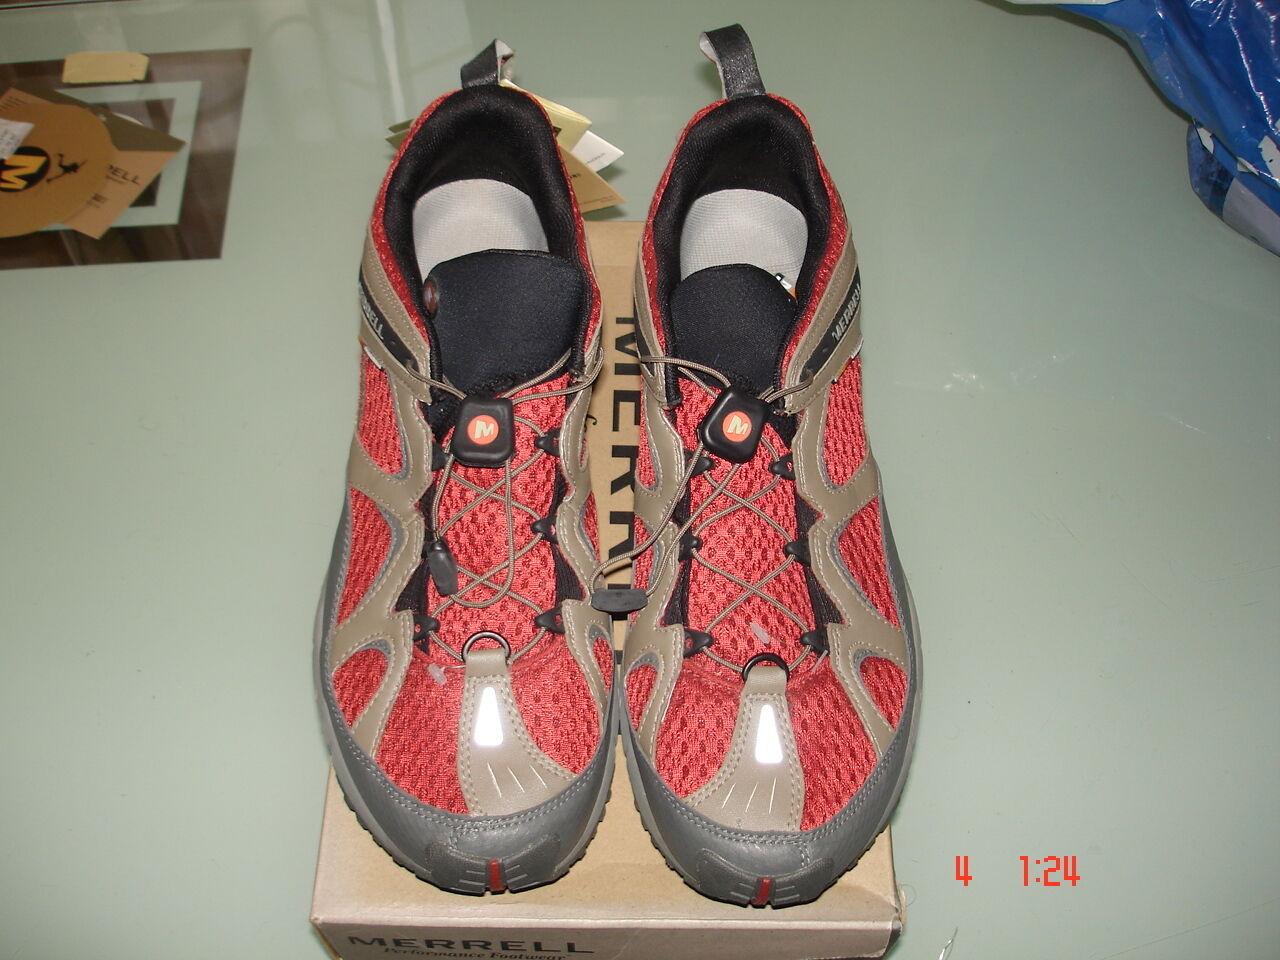 Merrell Merrell Merrell Herren Outdoor sportschuhe gr 46,5 UK11,5 US12 SALE 67ea35